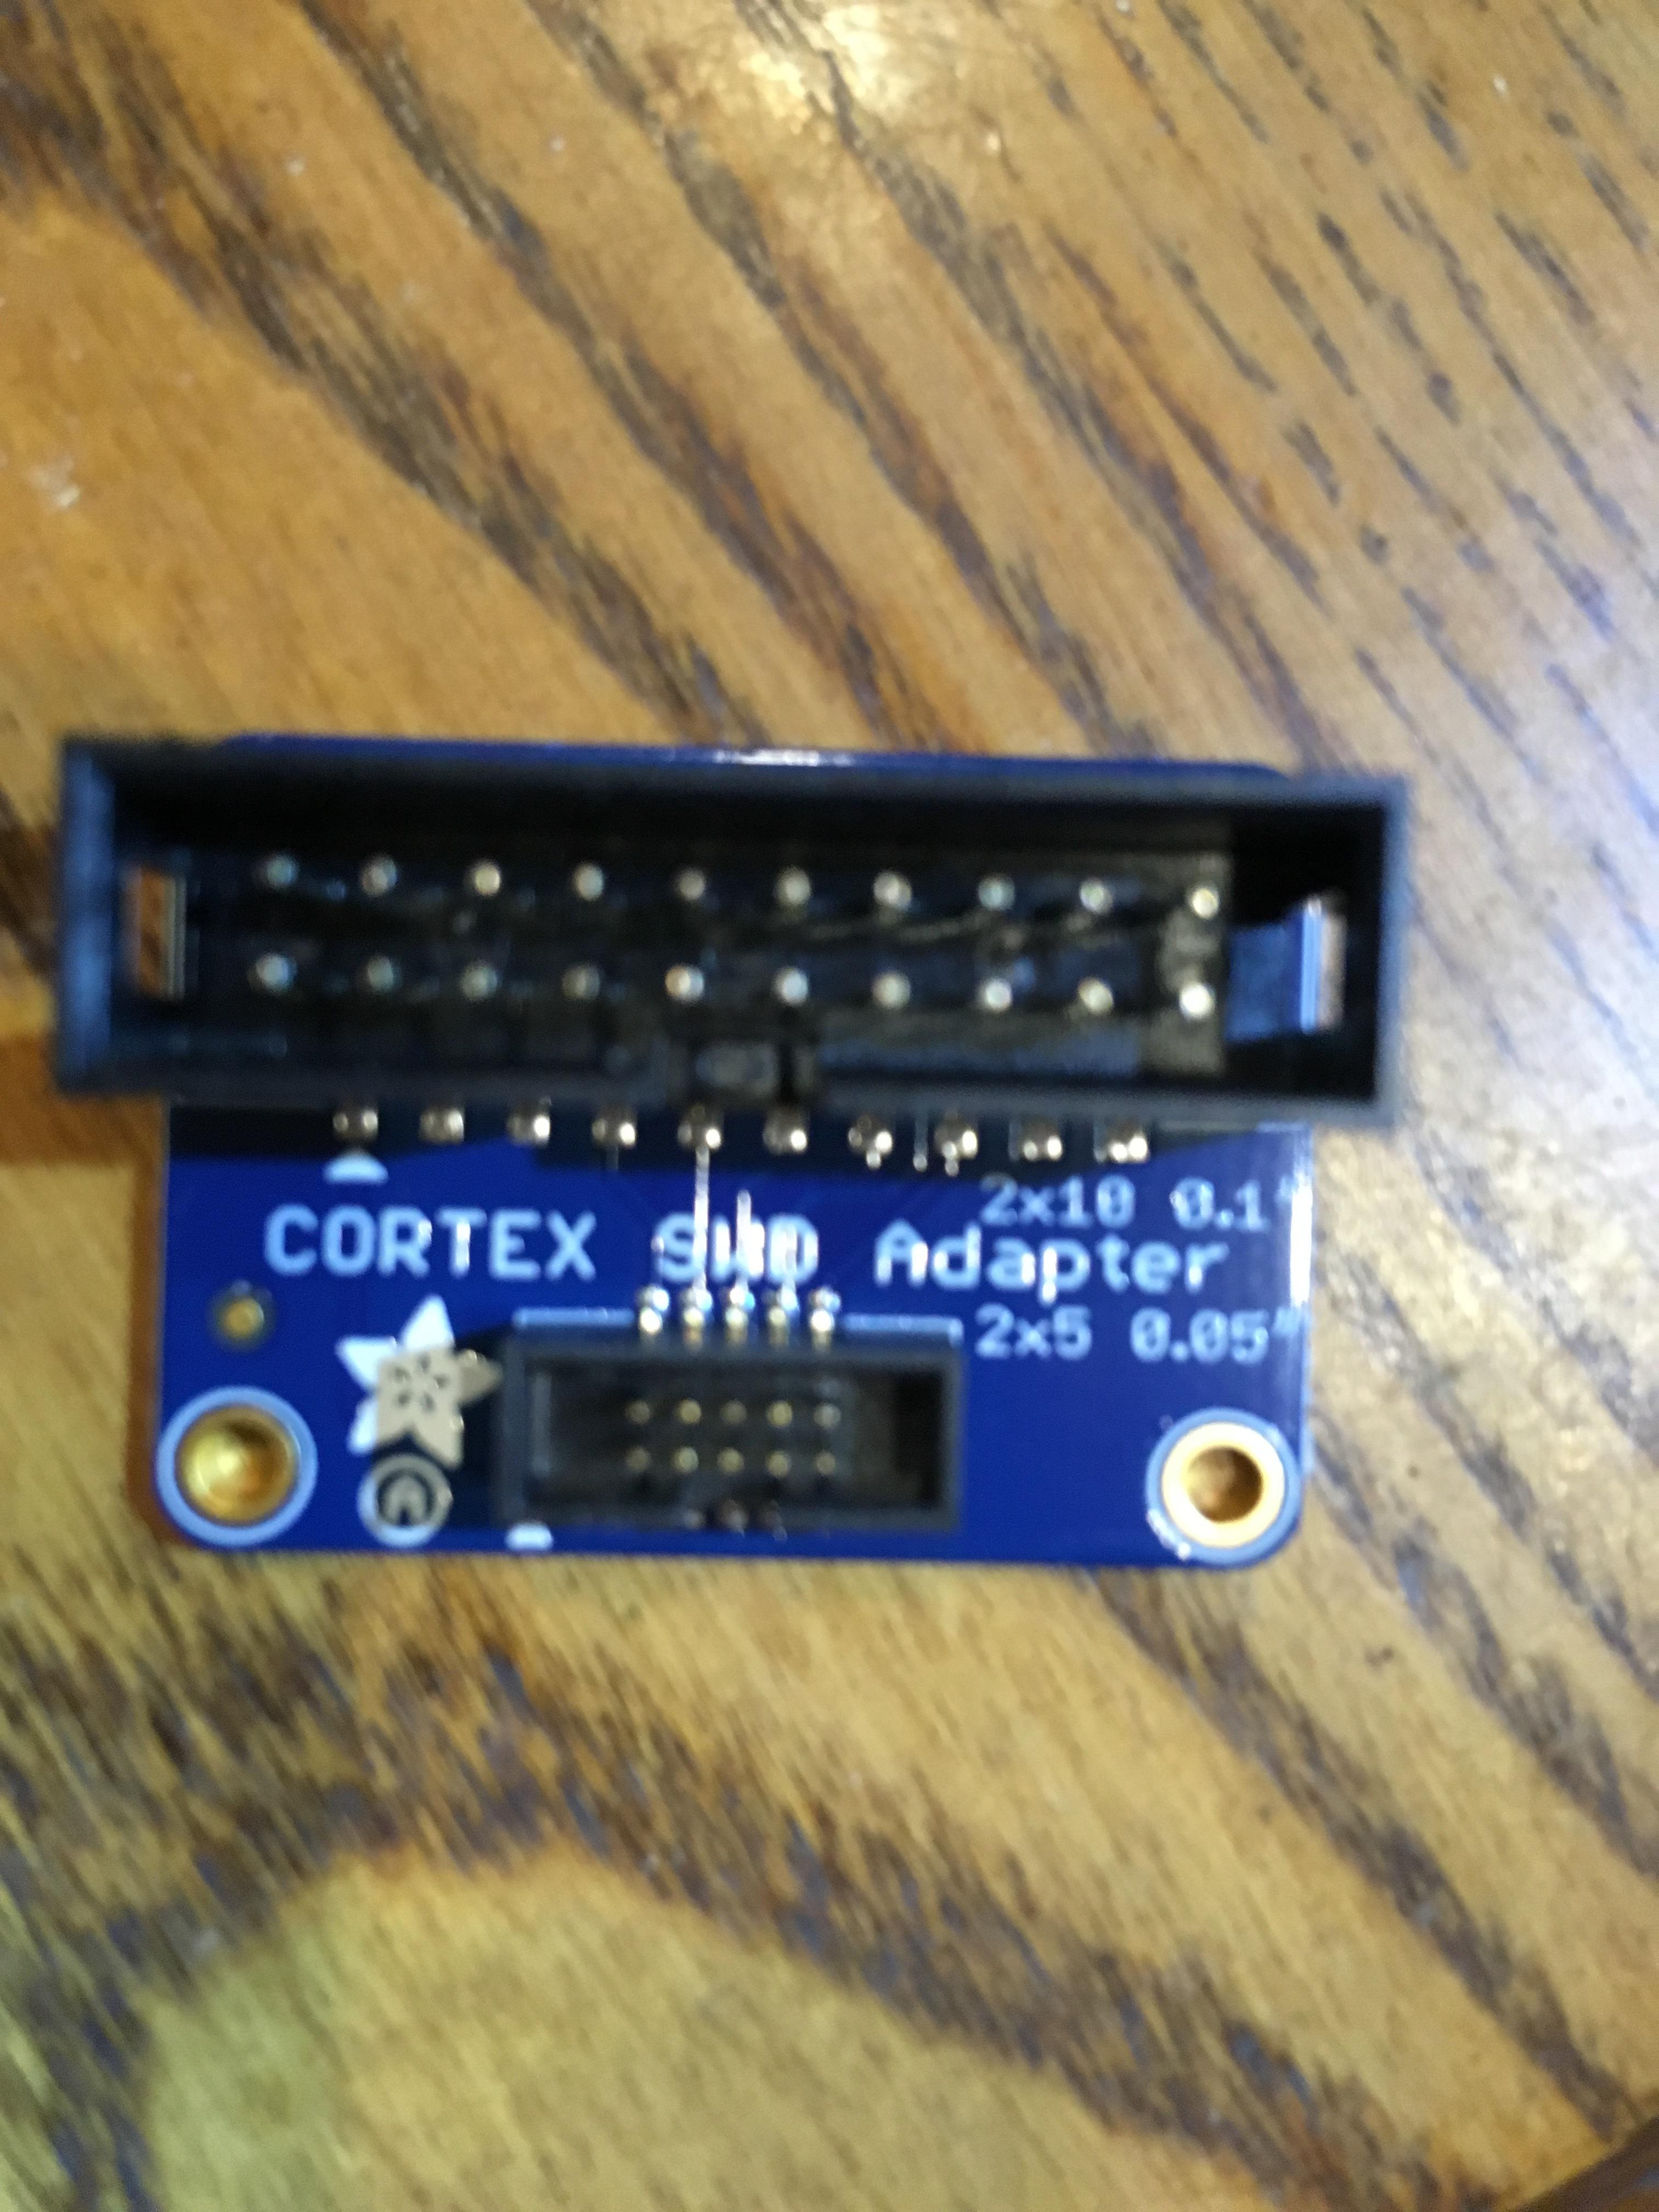 Debugging LimeSDR-USB type A with Segger J-Link - LimeSDR